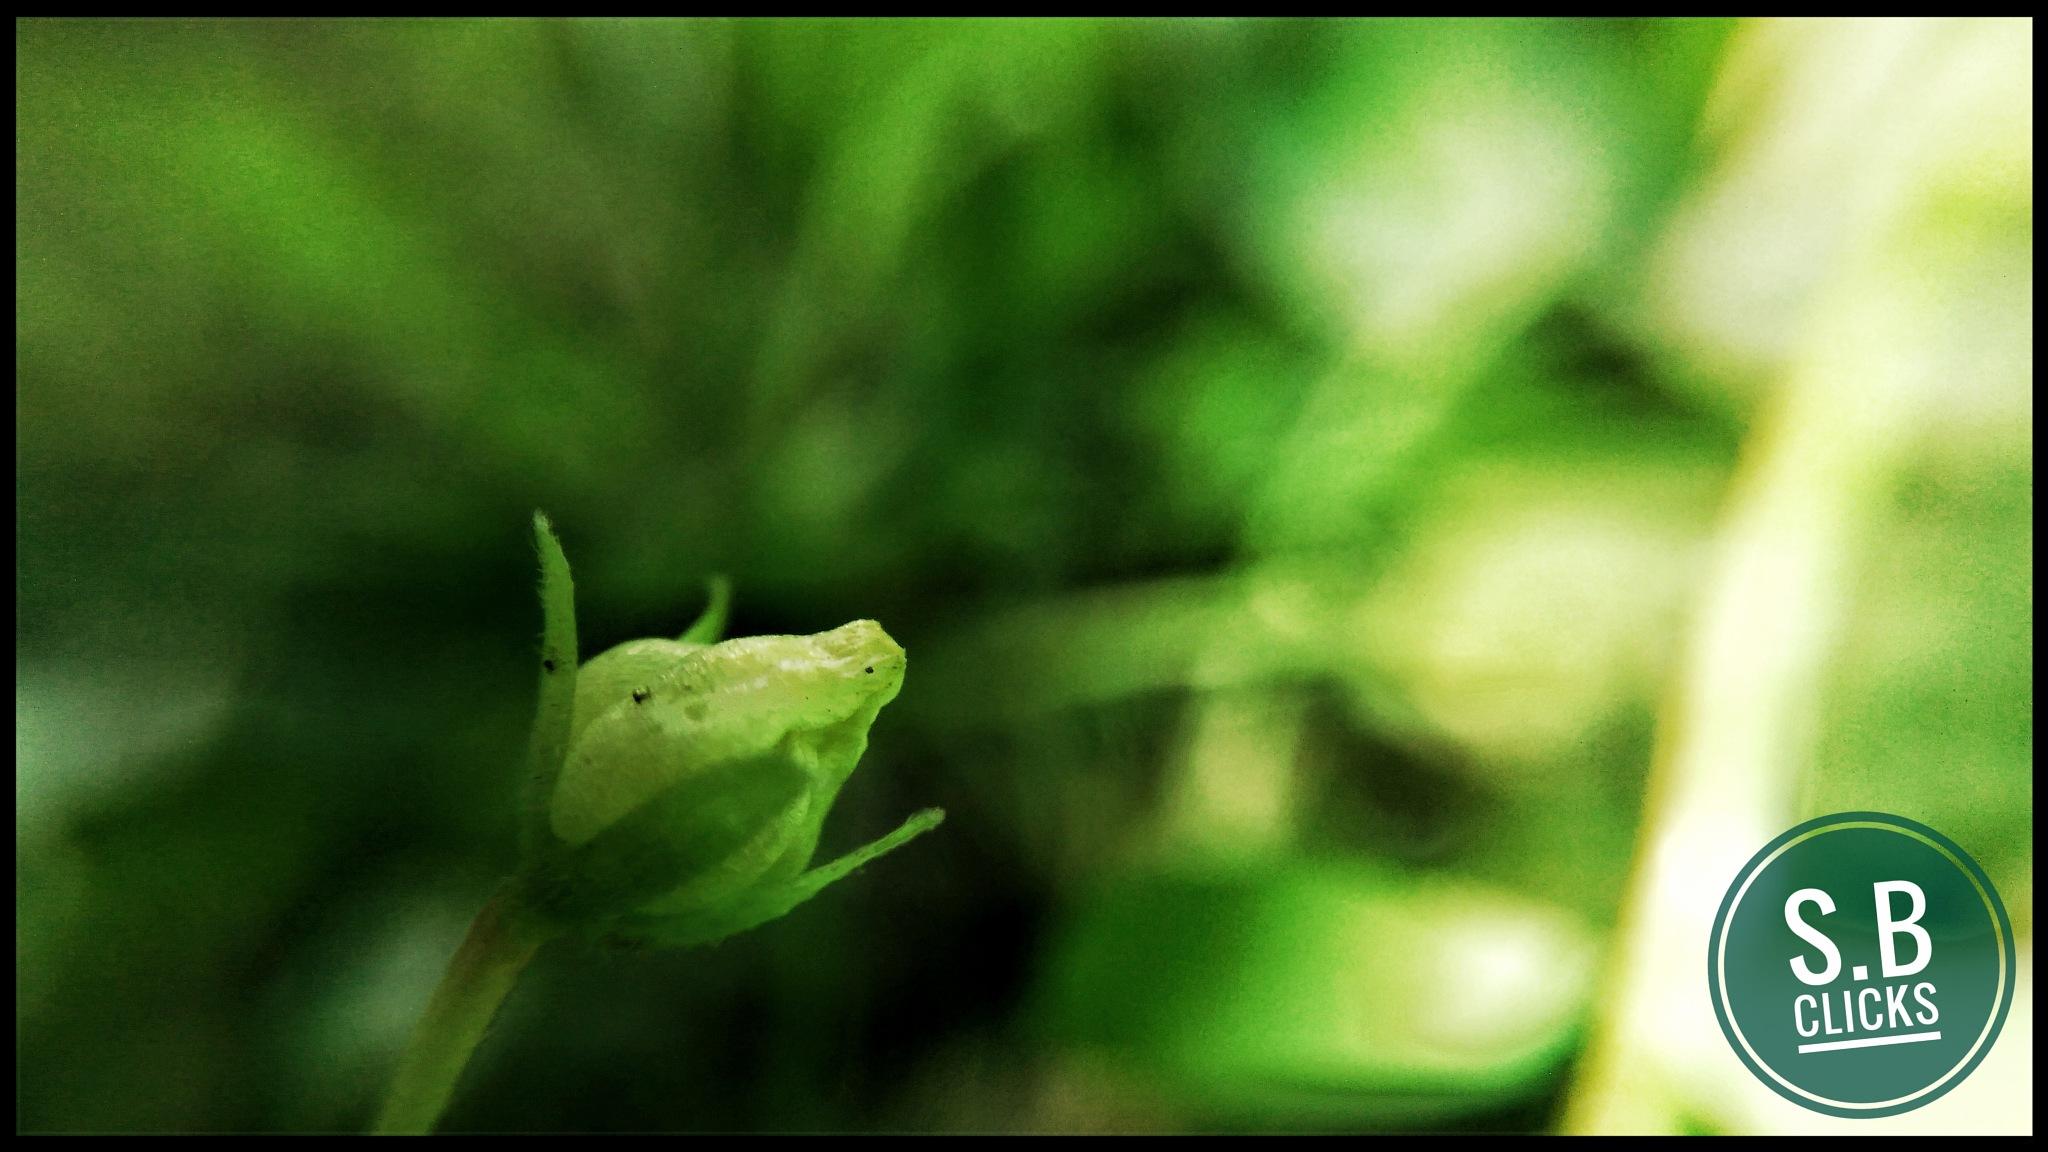 the seeking bud.......   by Swapnil Prakash Bhagwat